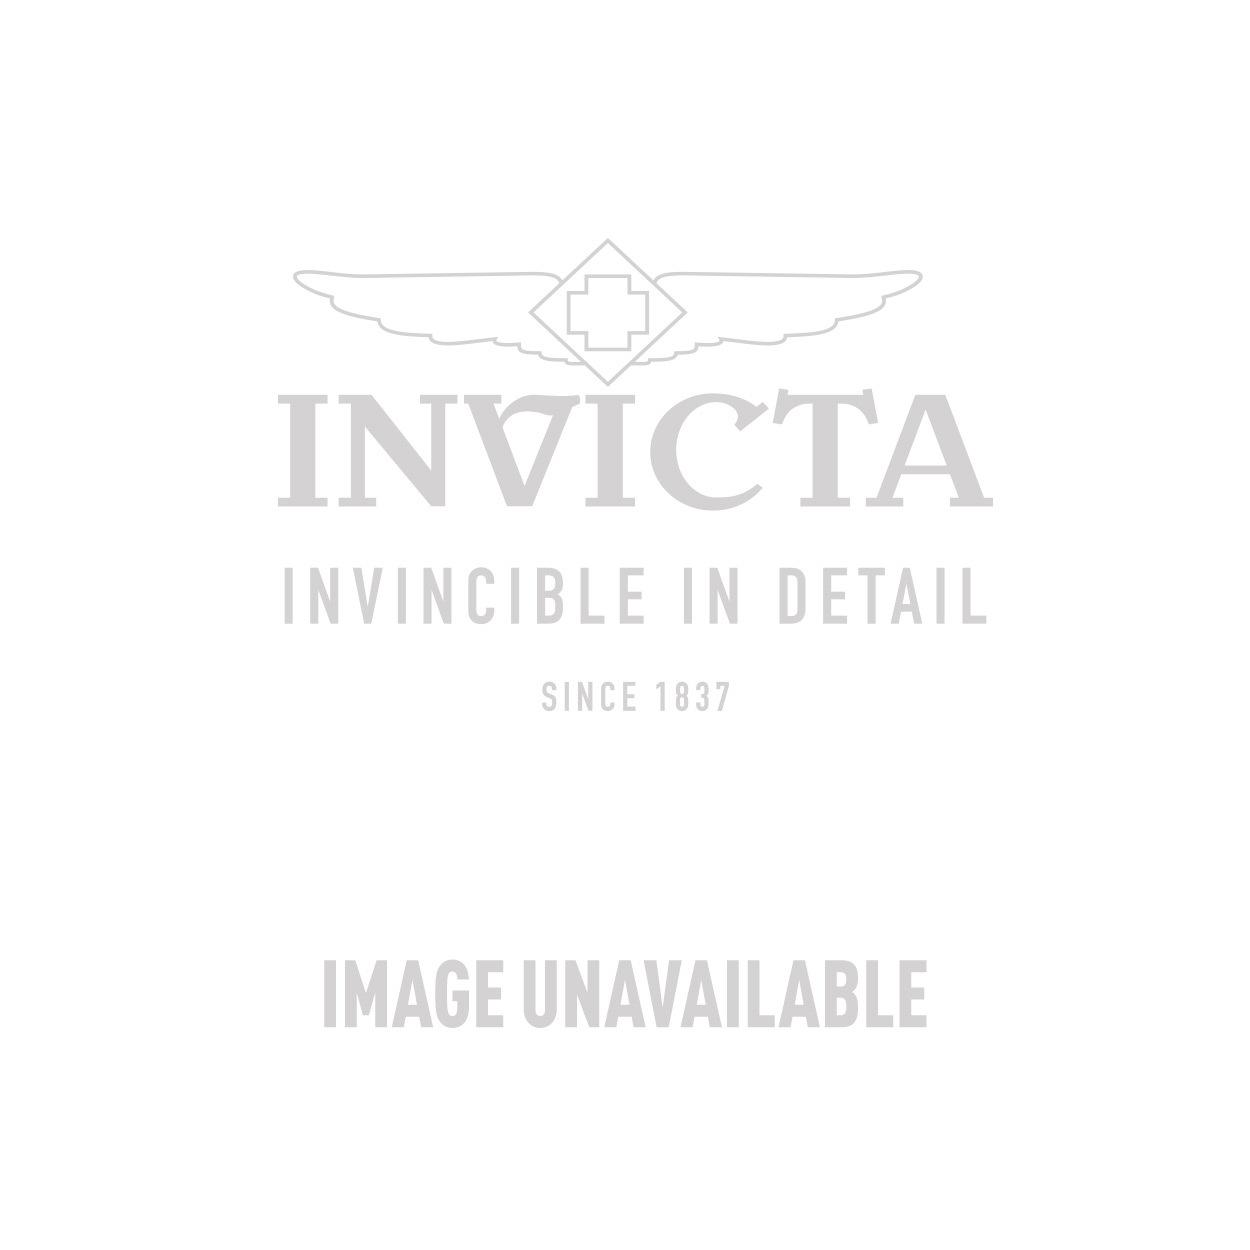 Invicta Model 25844